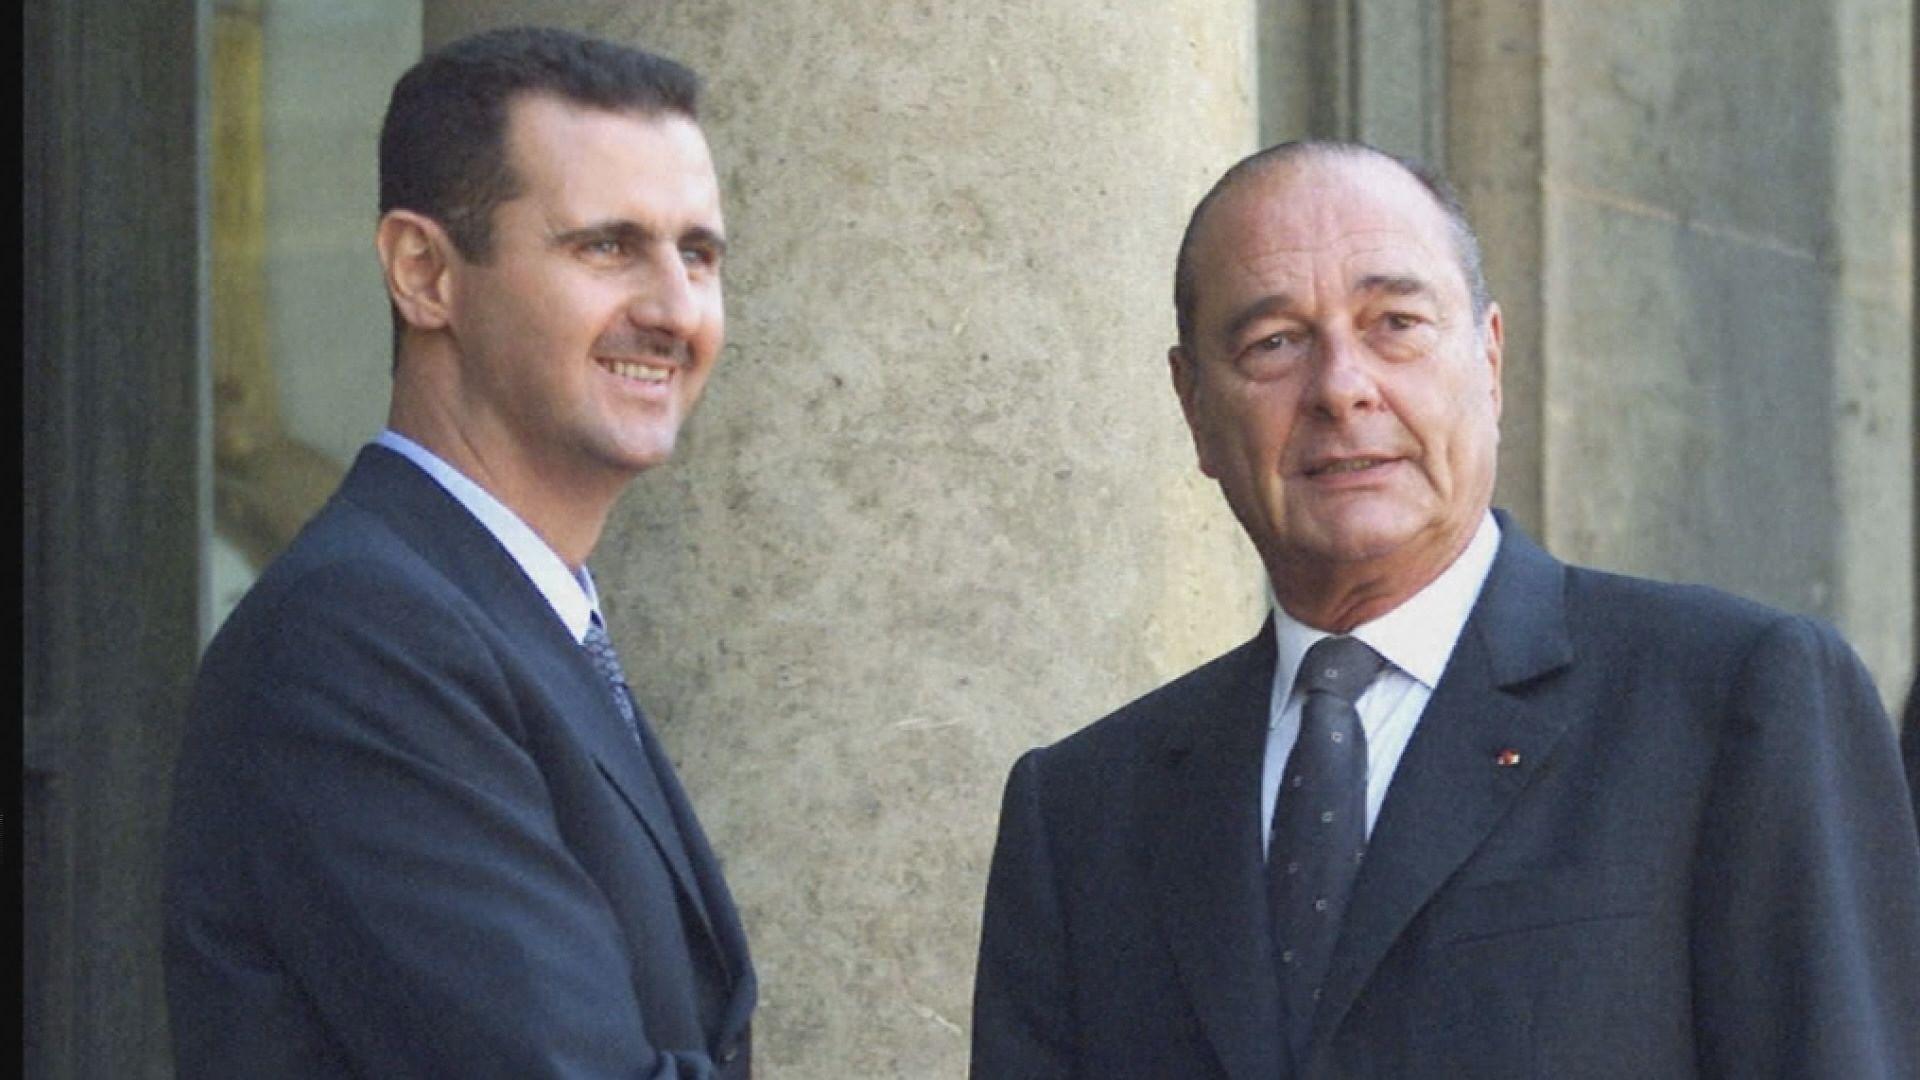 法國近年曾褫奪部分受爭議的授勳人士資格